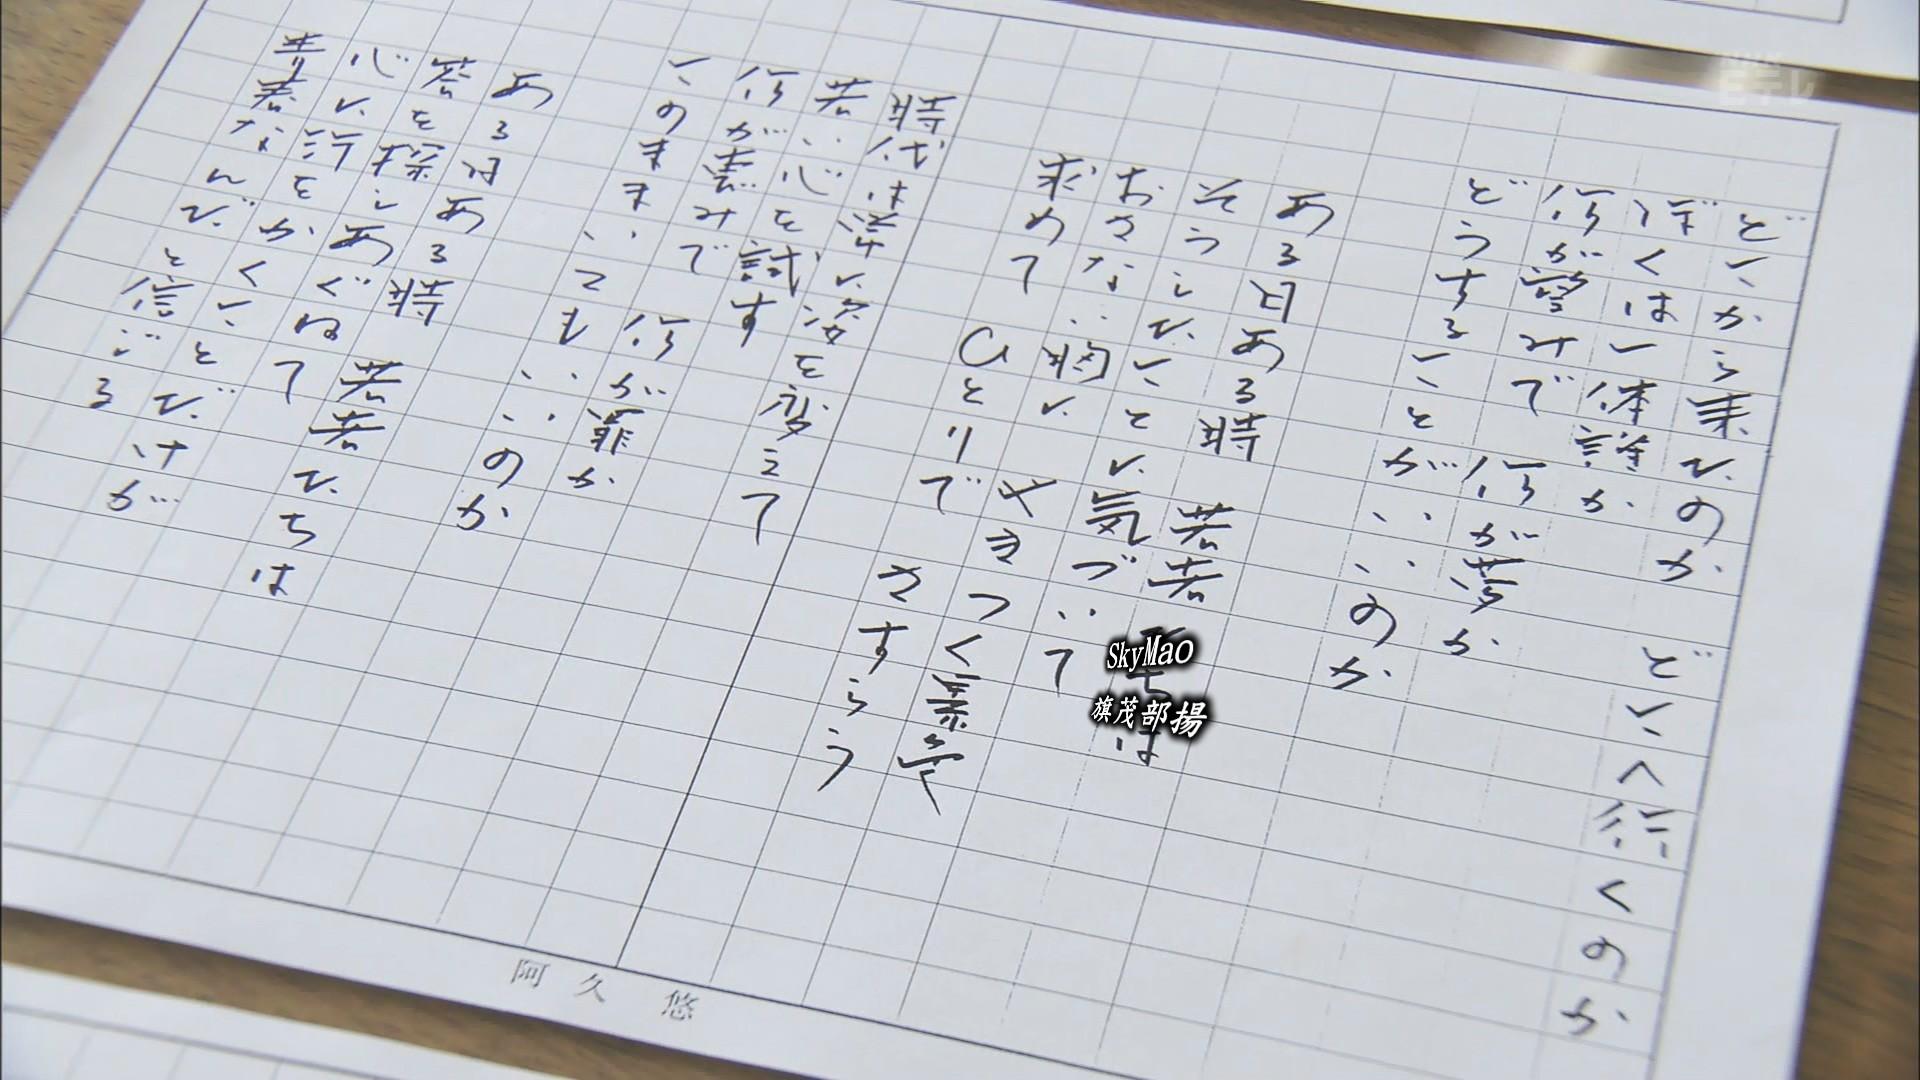 2017.09.23 全場(いきものがかり水野良樹の阿久悠をめぐる対話).ts_20170924_003024.411